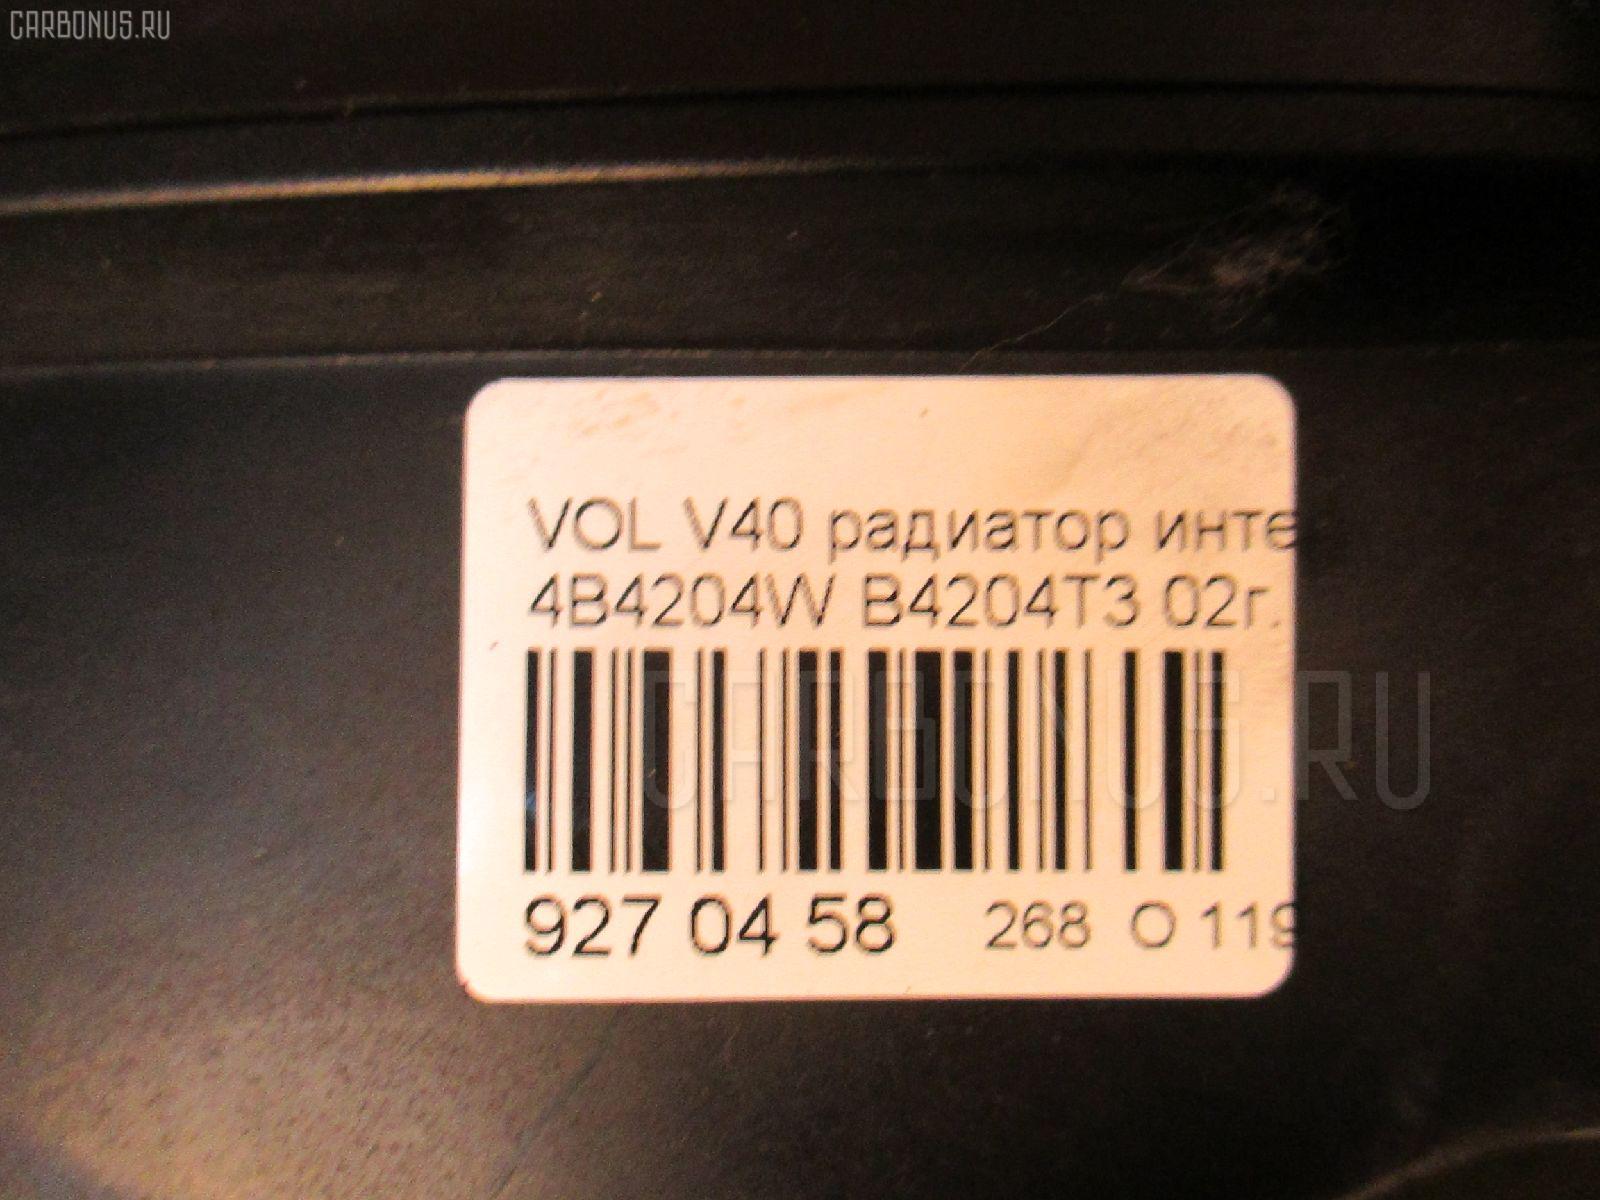 Радиатор интеркулера VOLVO V40 VW B4204T3 Фото 4